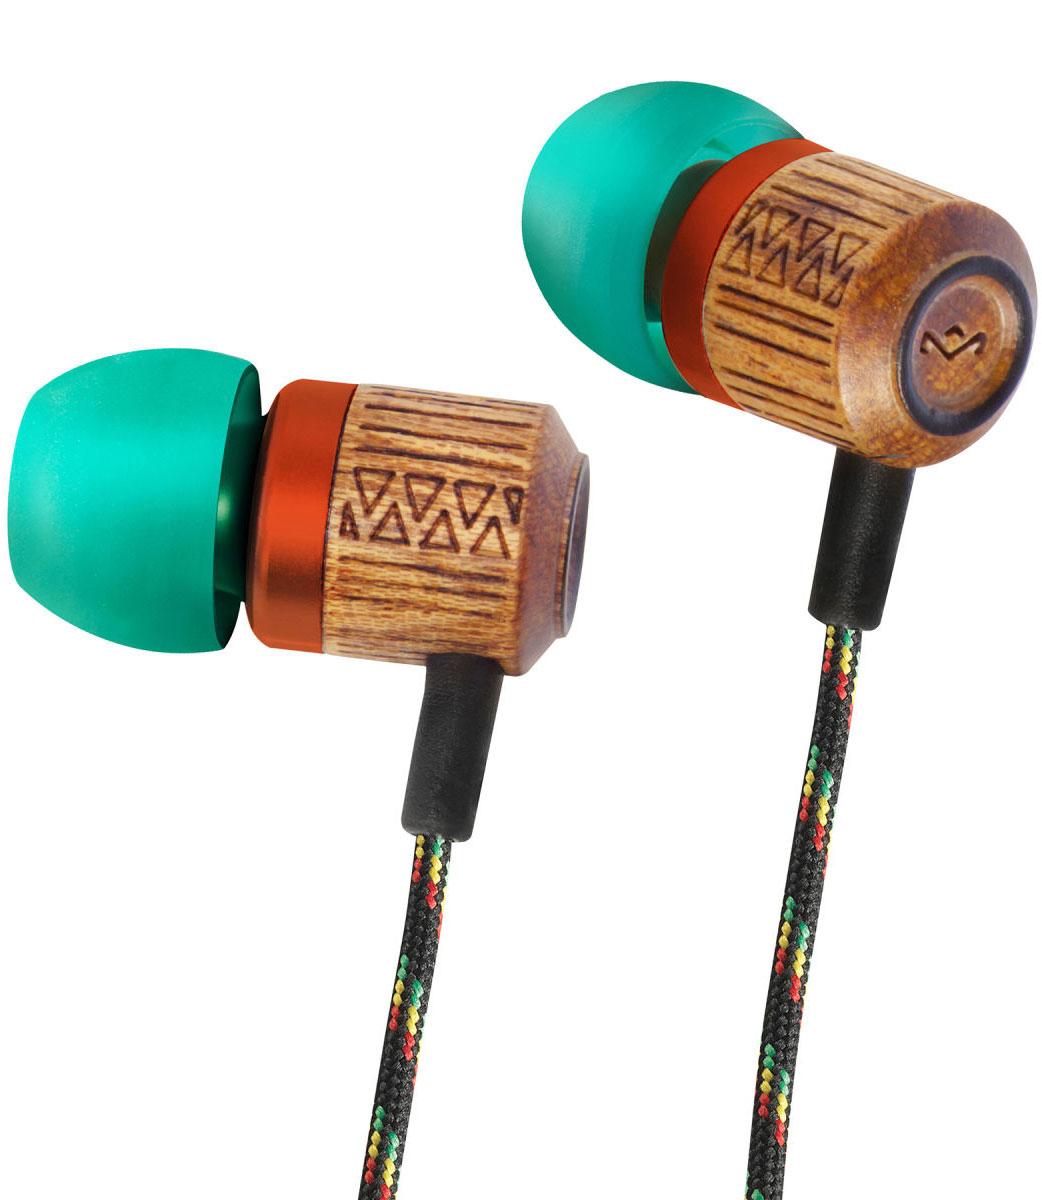 House of Marley Chant Rasta, Green наушникиEM-JE051-RAКорпус наушников House of Marley Chant выполнен из бамбука, сертифицированного FSC. Это уникальное сочетание алюминия и натурального дерева с лазерной орнаментной гравировкой. Фирменный звук от Marley, отличная шумоизоляция позволяют насладиться полноценным живым звучанием. Тканевая оплетка повышает надежность кабеля, помогает избежать спутывания и снижает микрофонный шум.